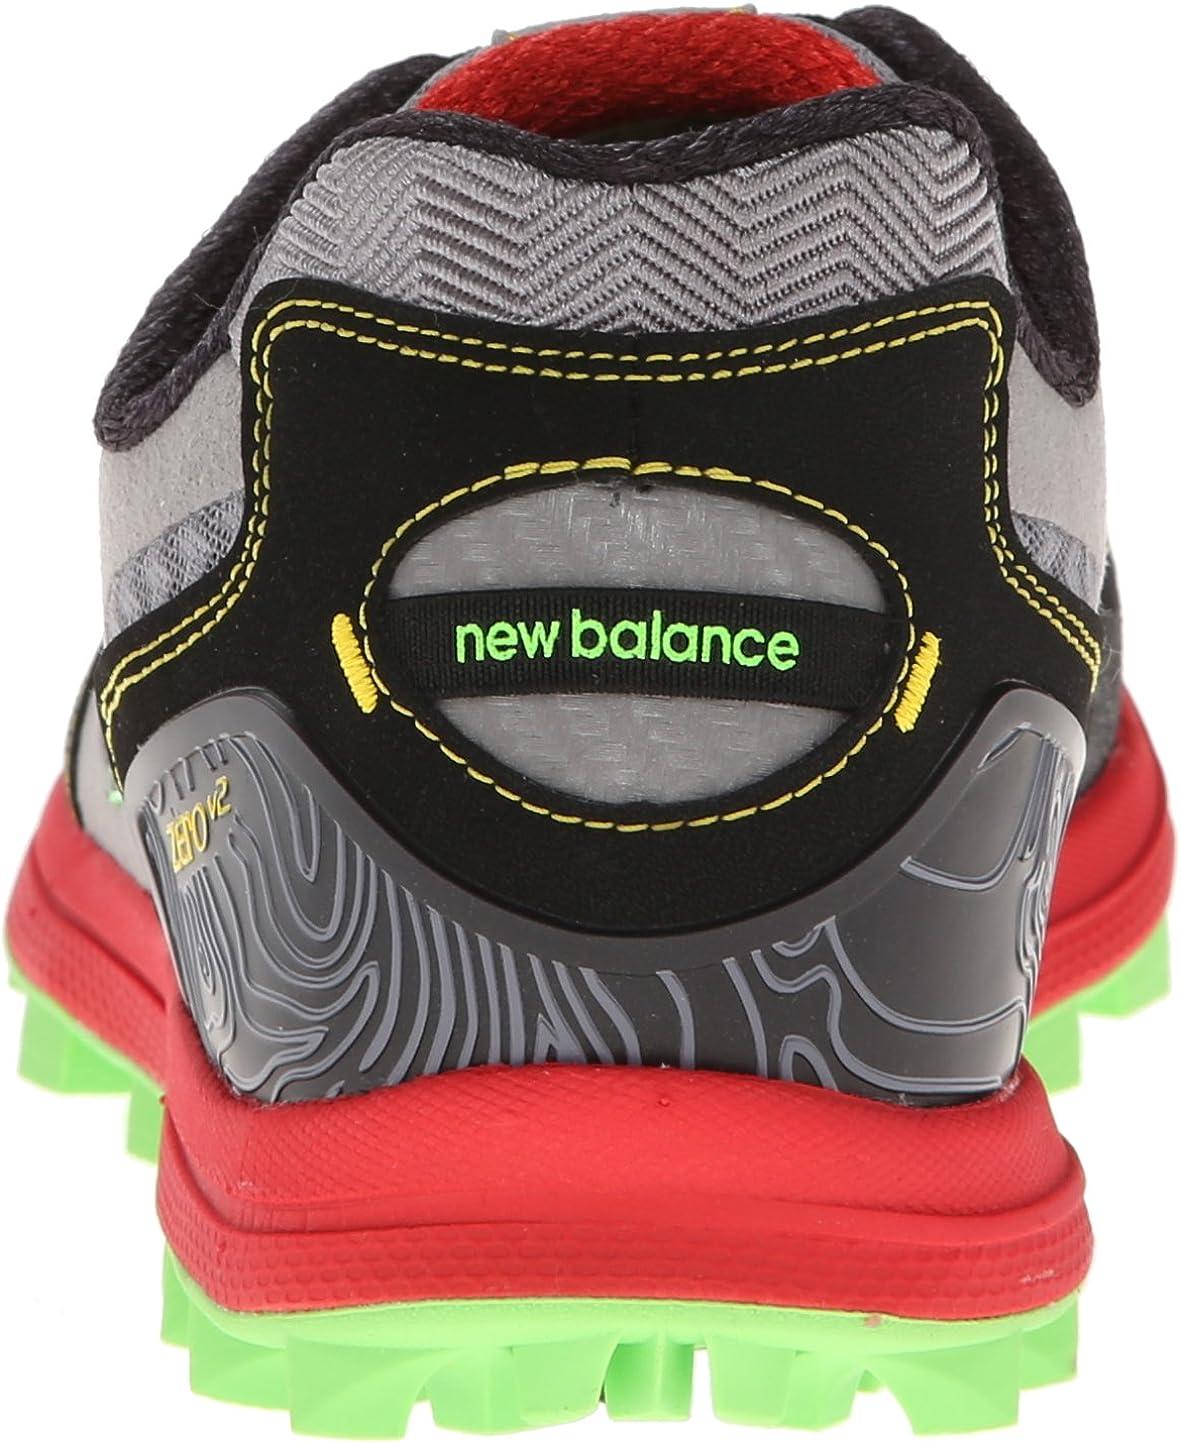 MT00 Minimus Zero v2 Trail Running Shoe